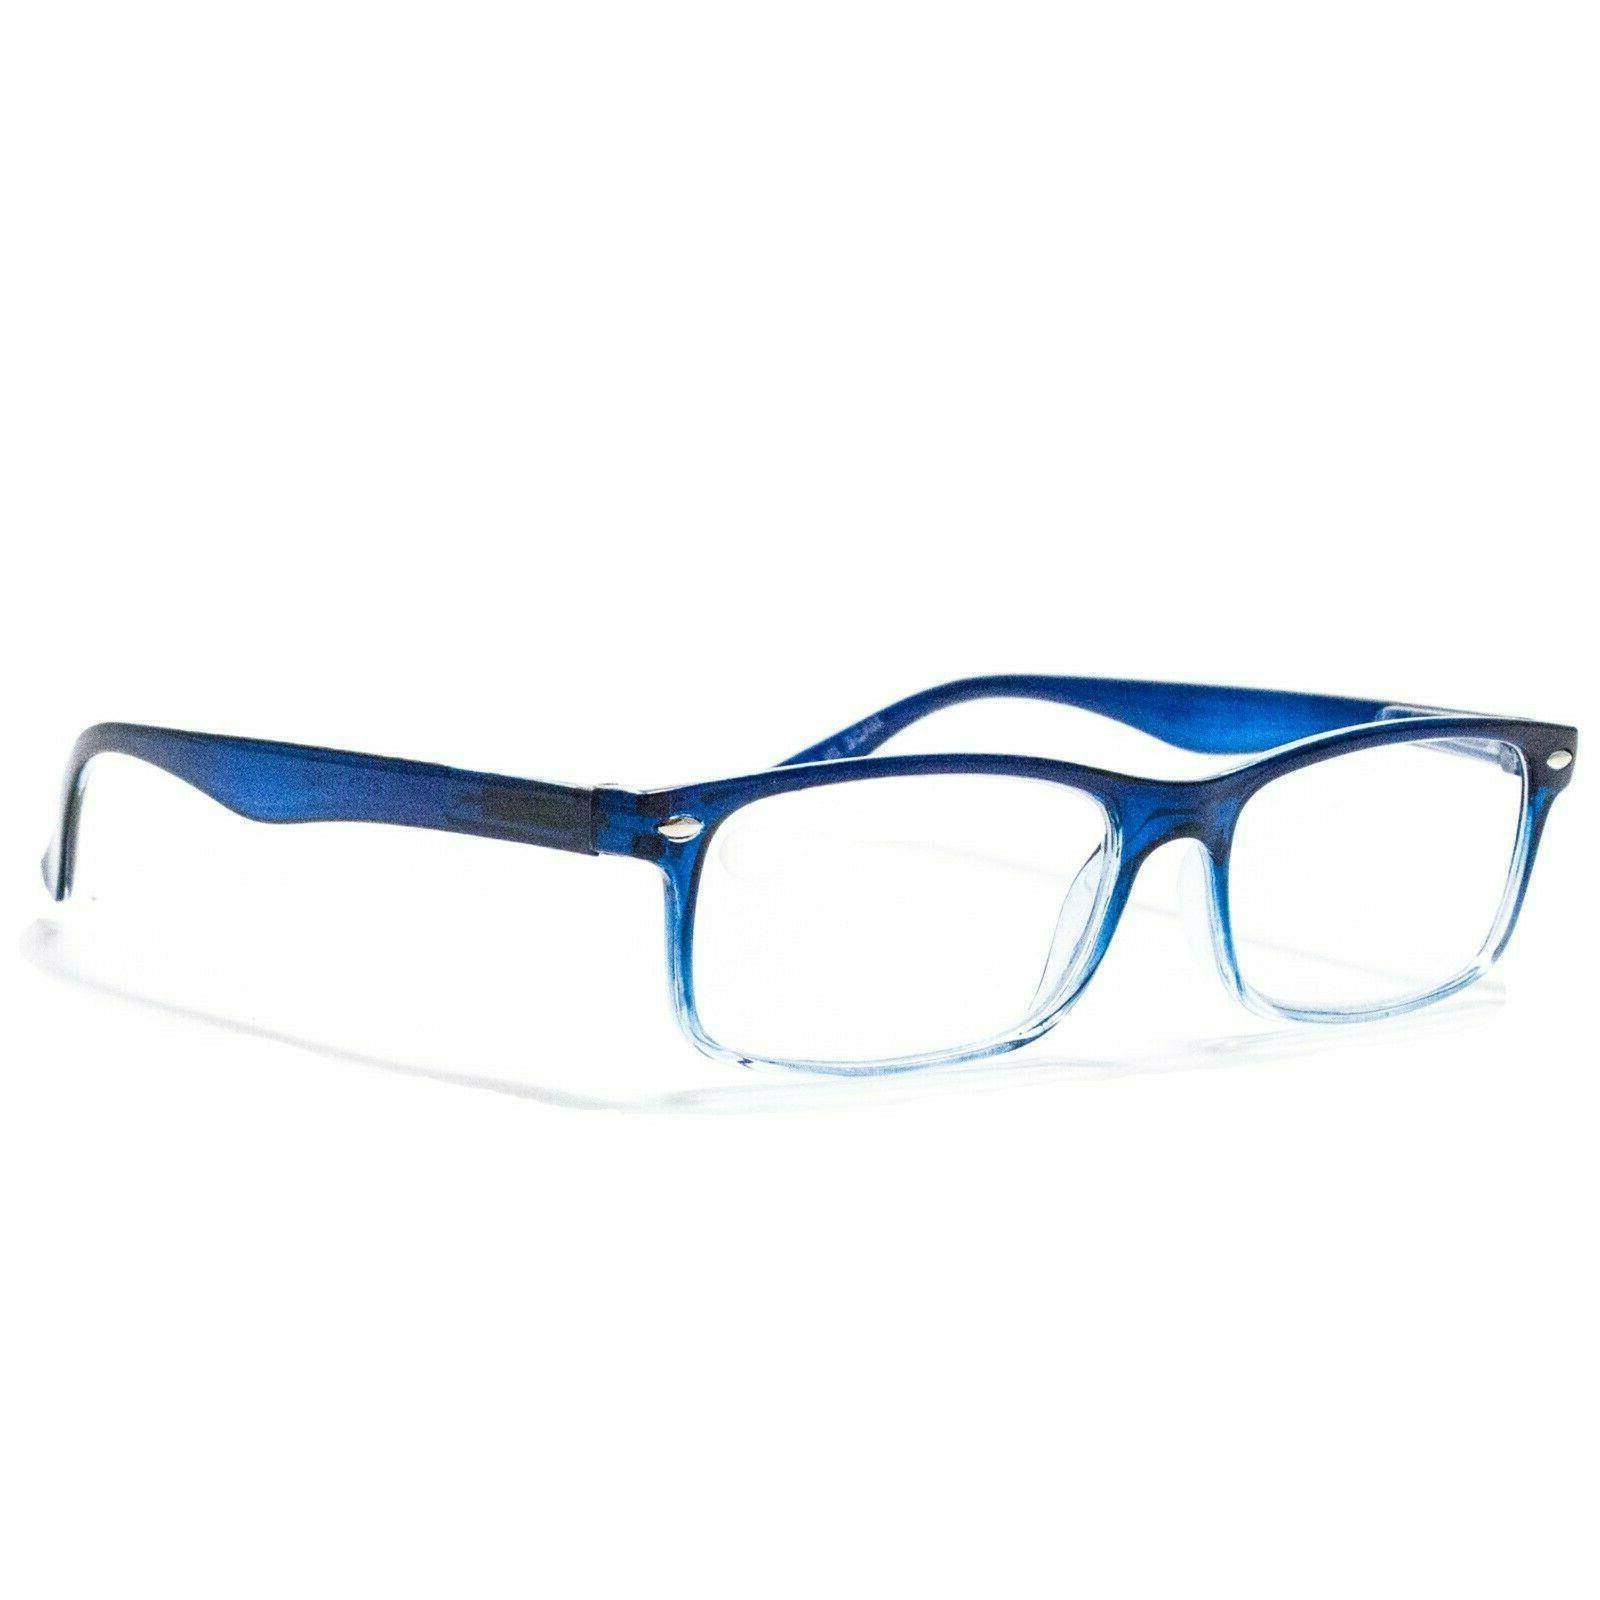 4 Hinge Reading Reader Glasses